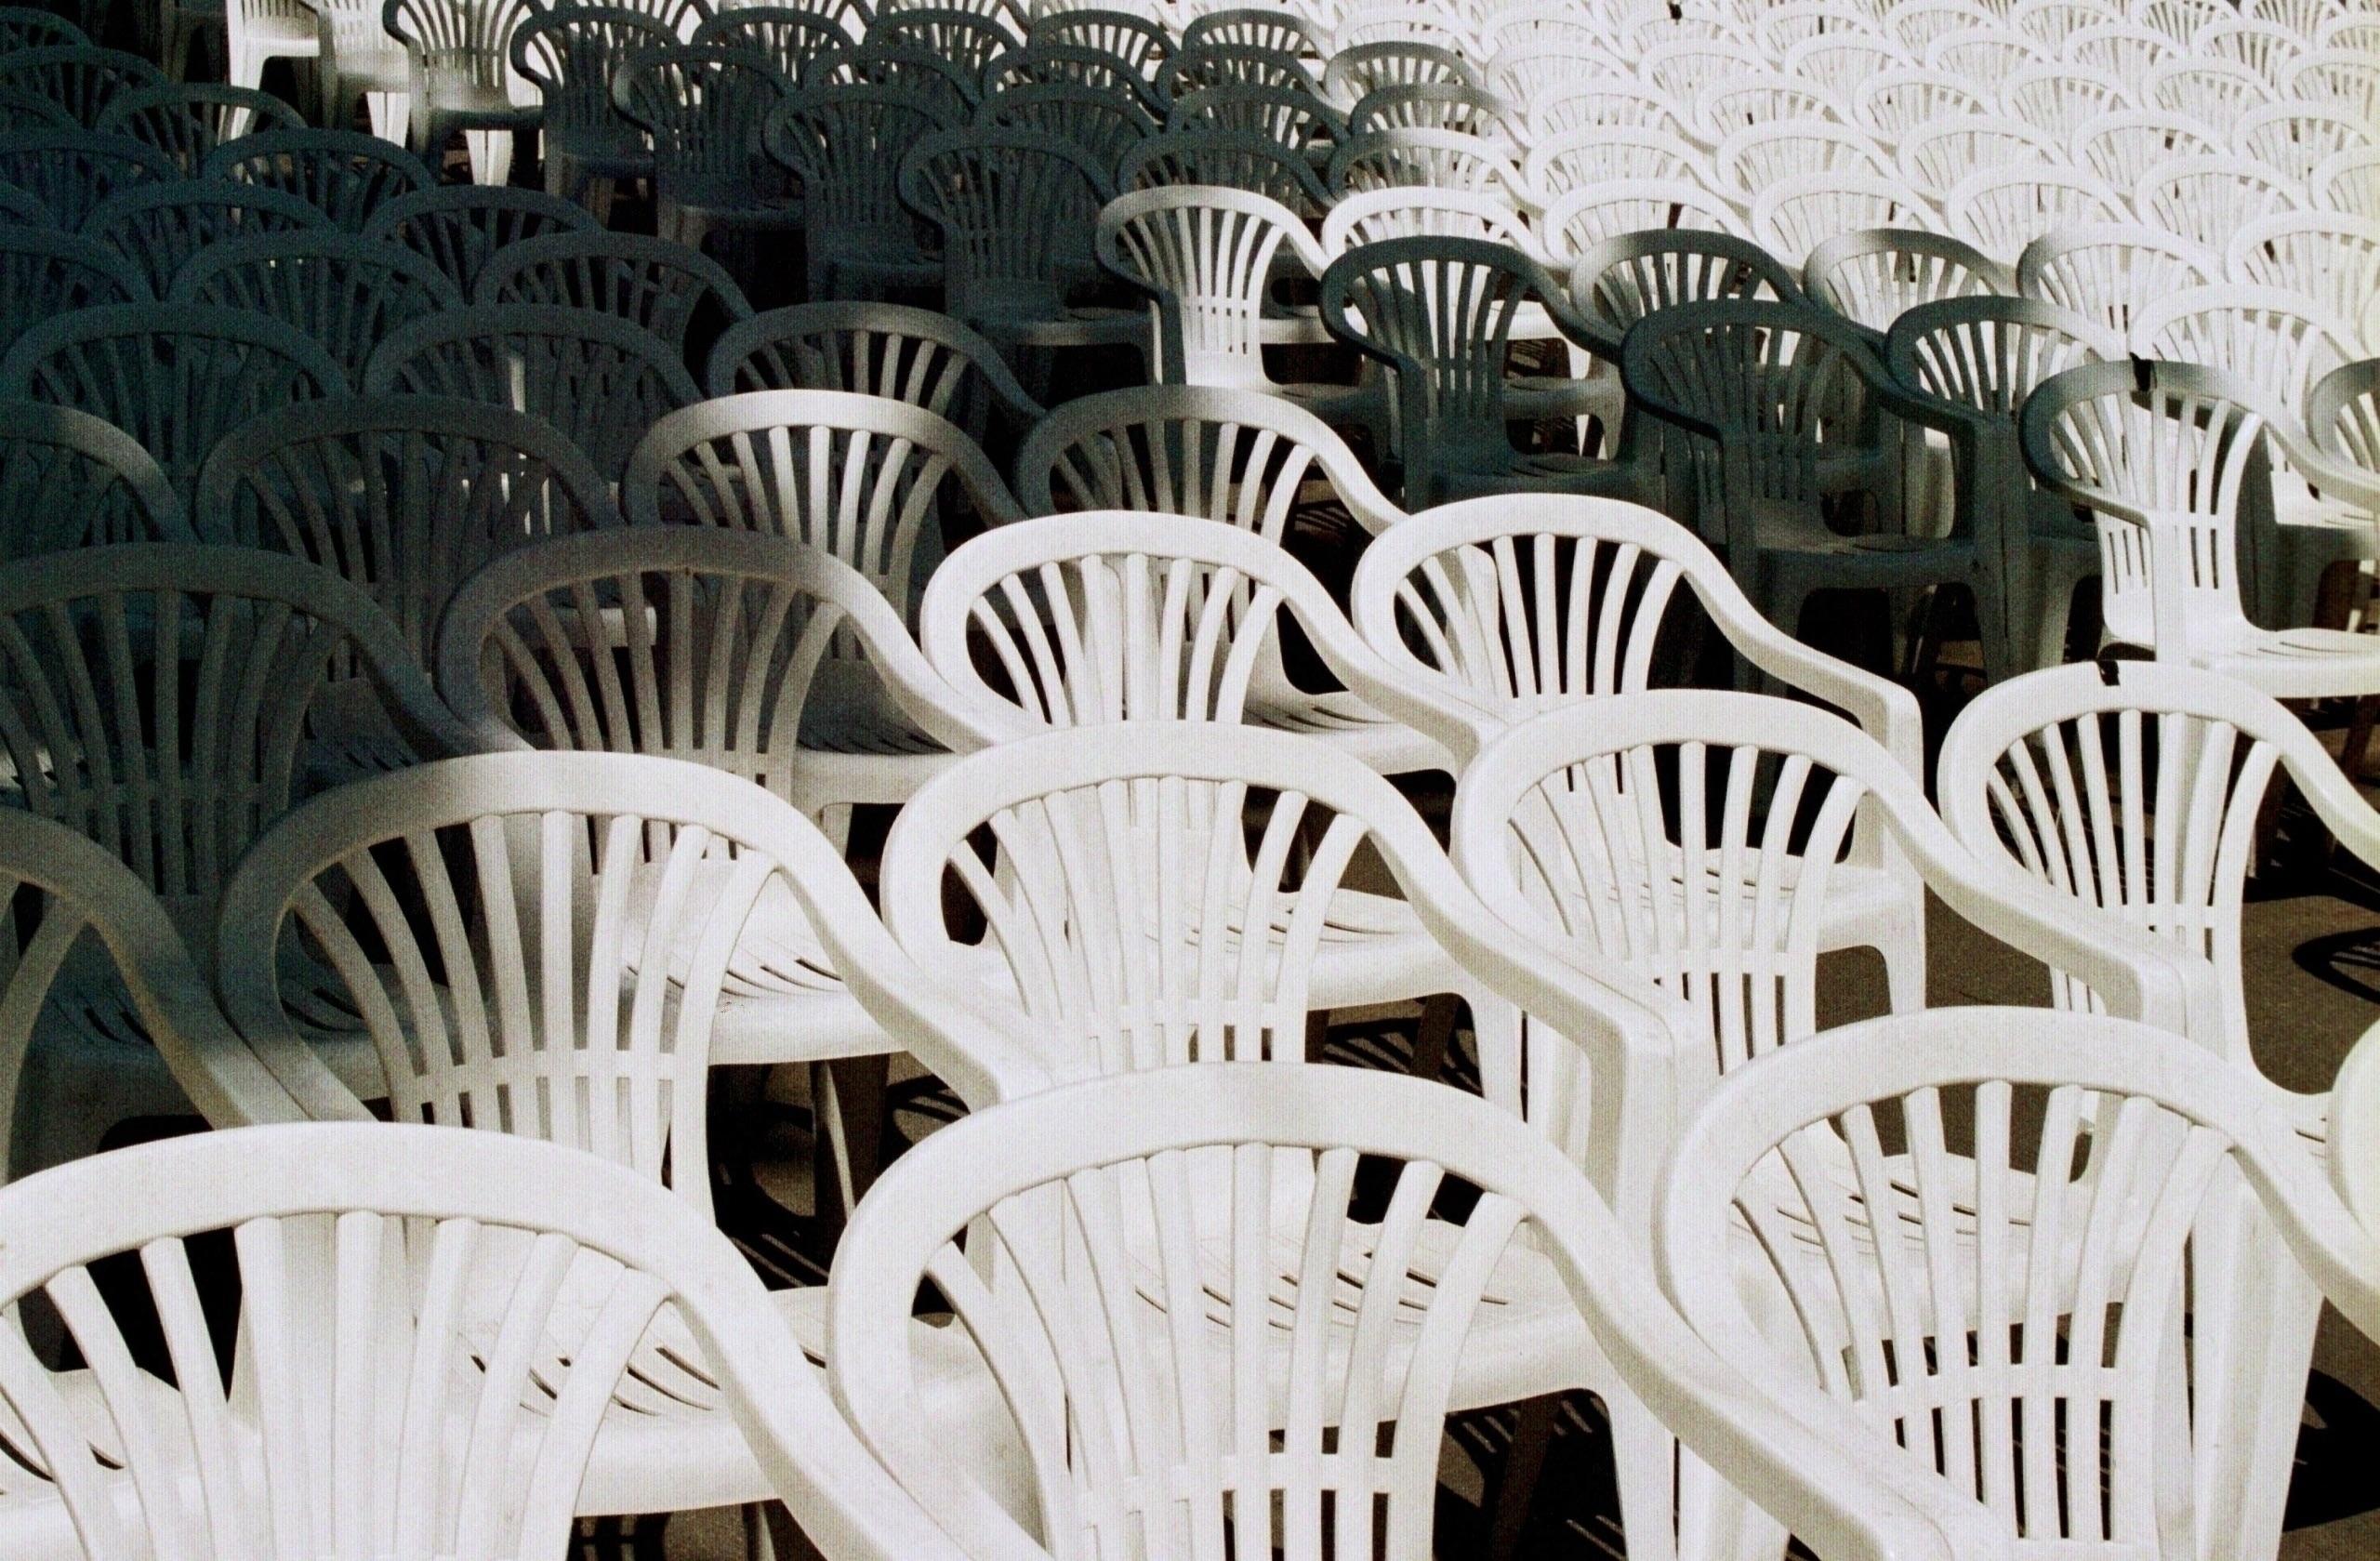 Chairs, Kassel (2018 - 35mm - janekpaul | ello